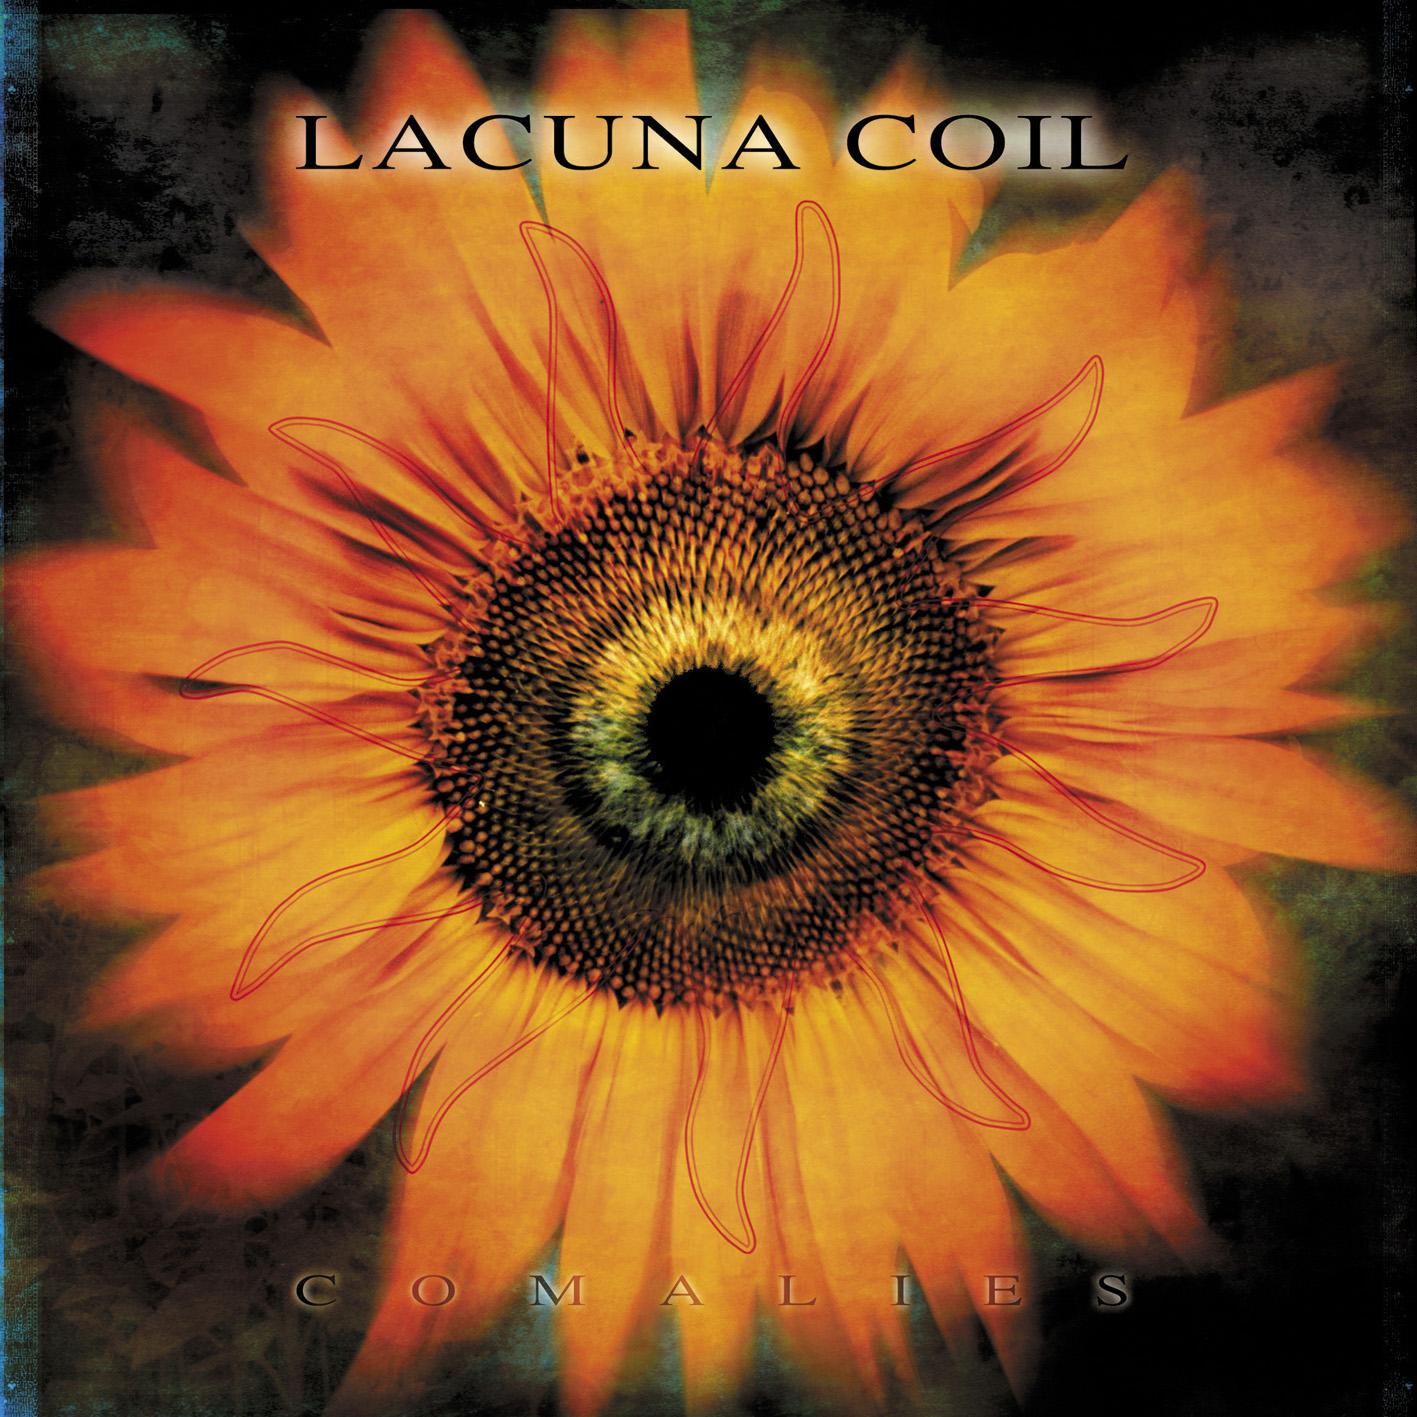 Lacuna Coil: Comalies (2002) Book Cover